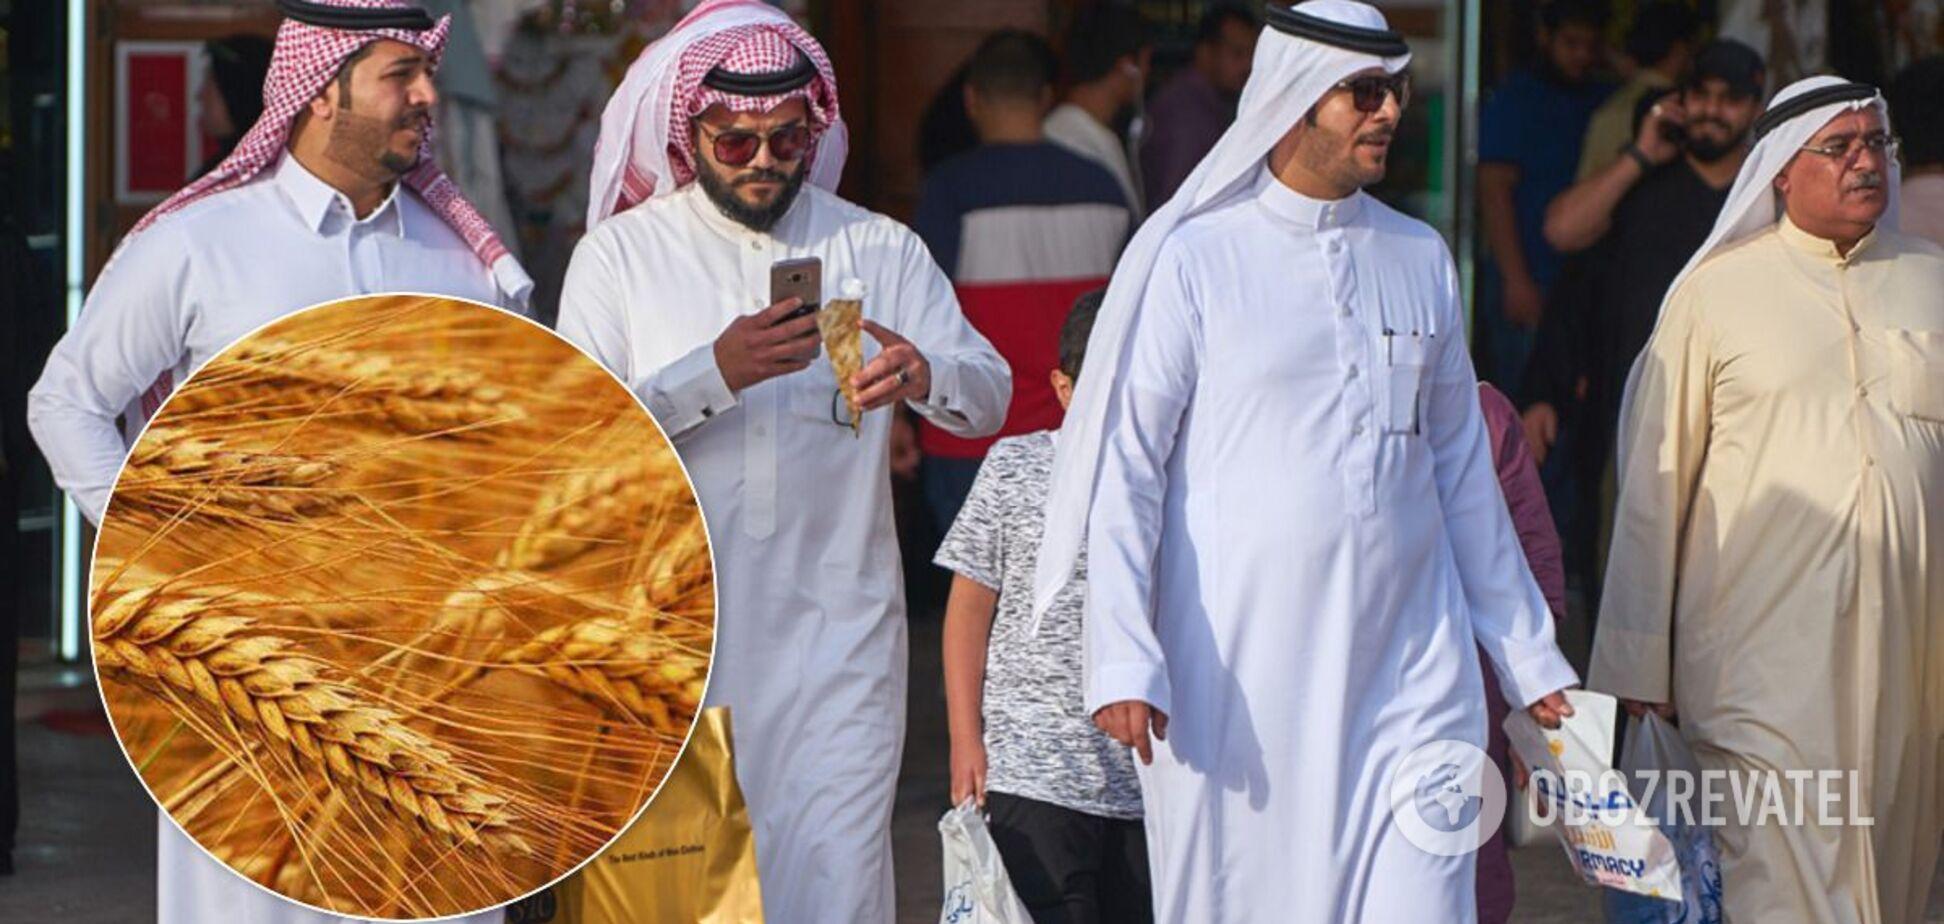 Украинскую пшеницу впервые купила Саудовская Аравия: известны условия сделки